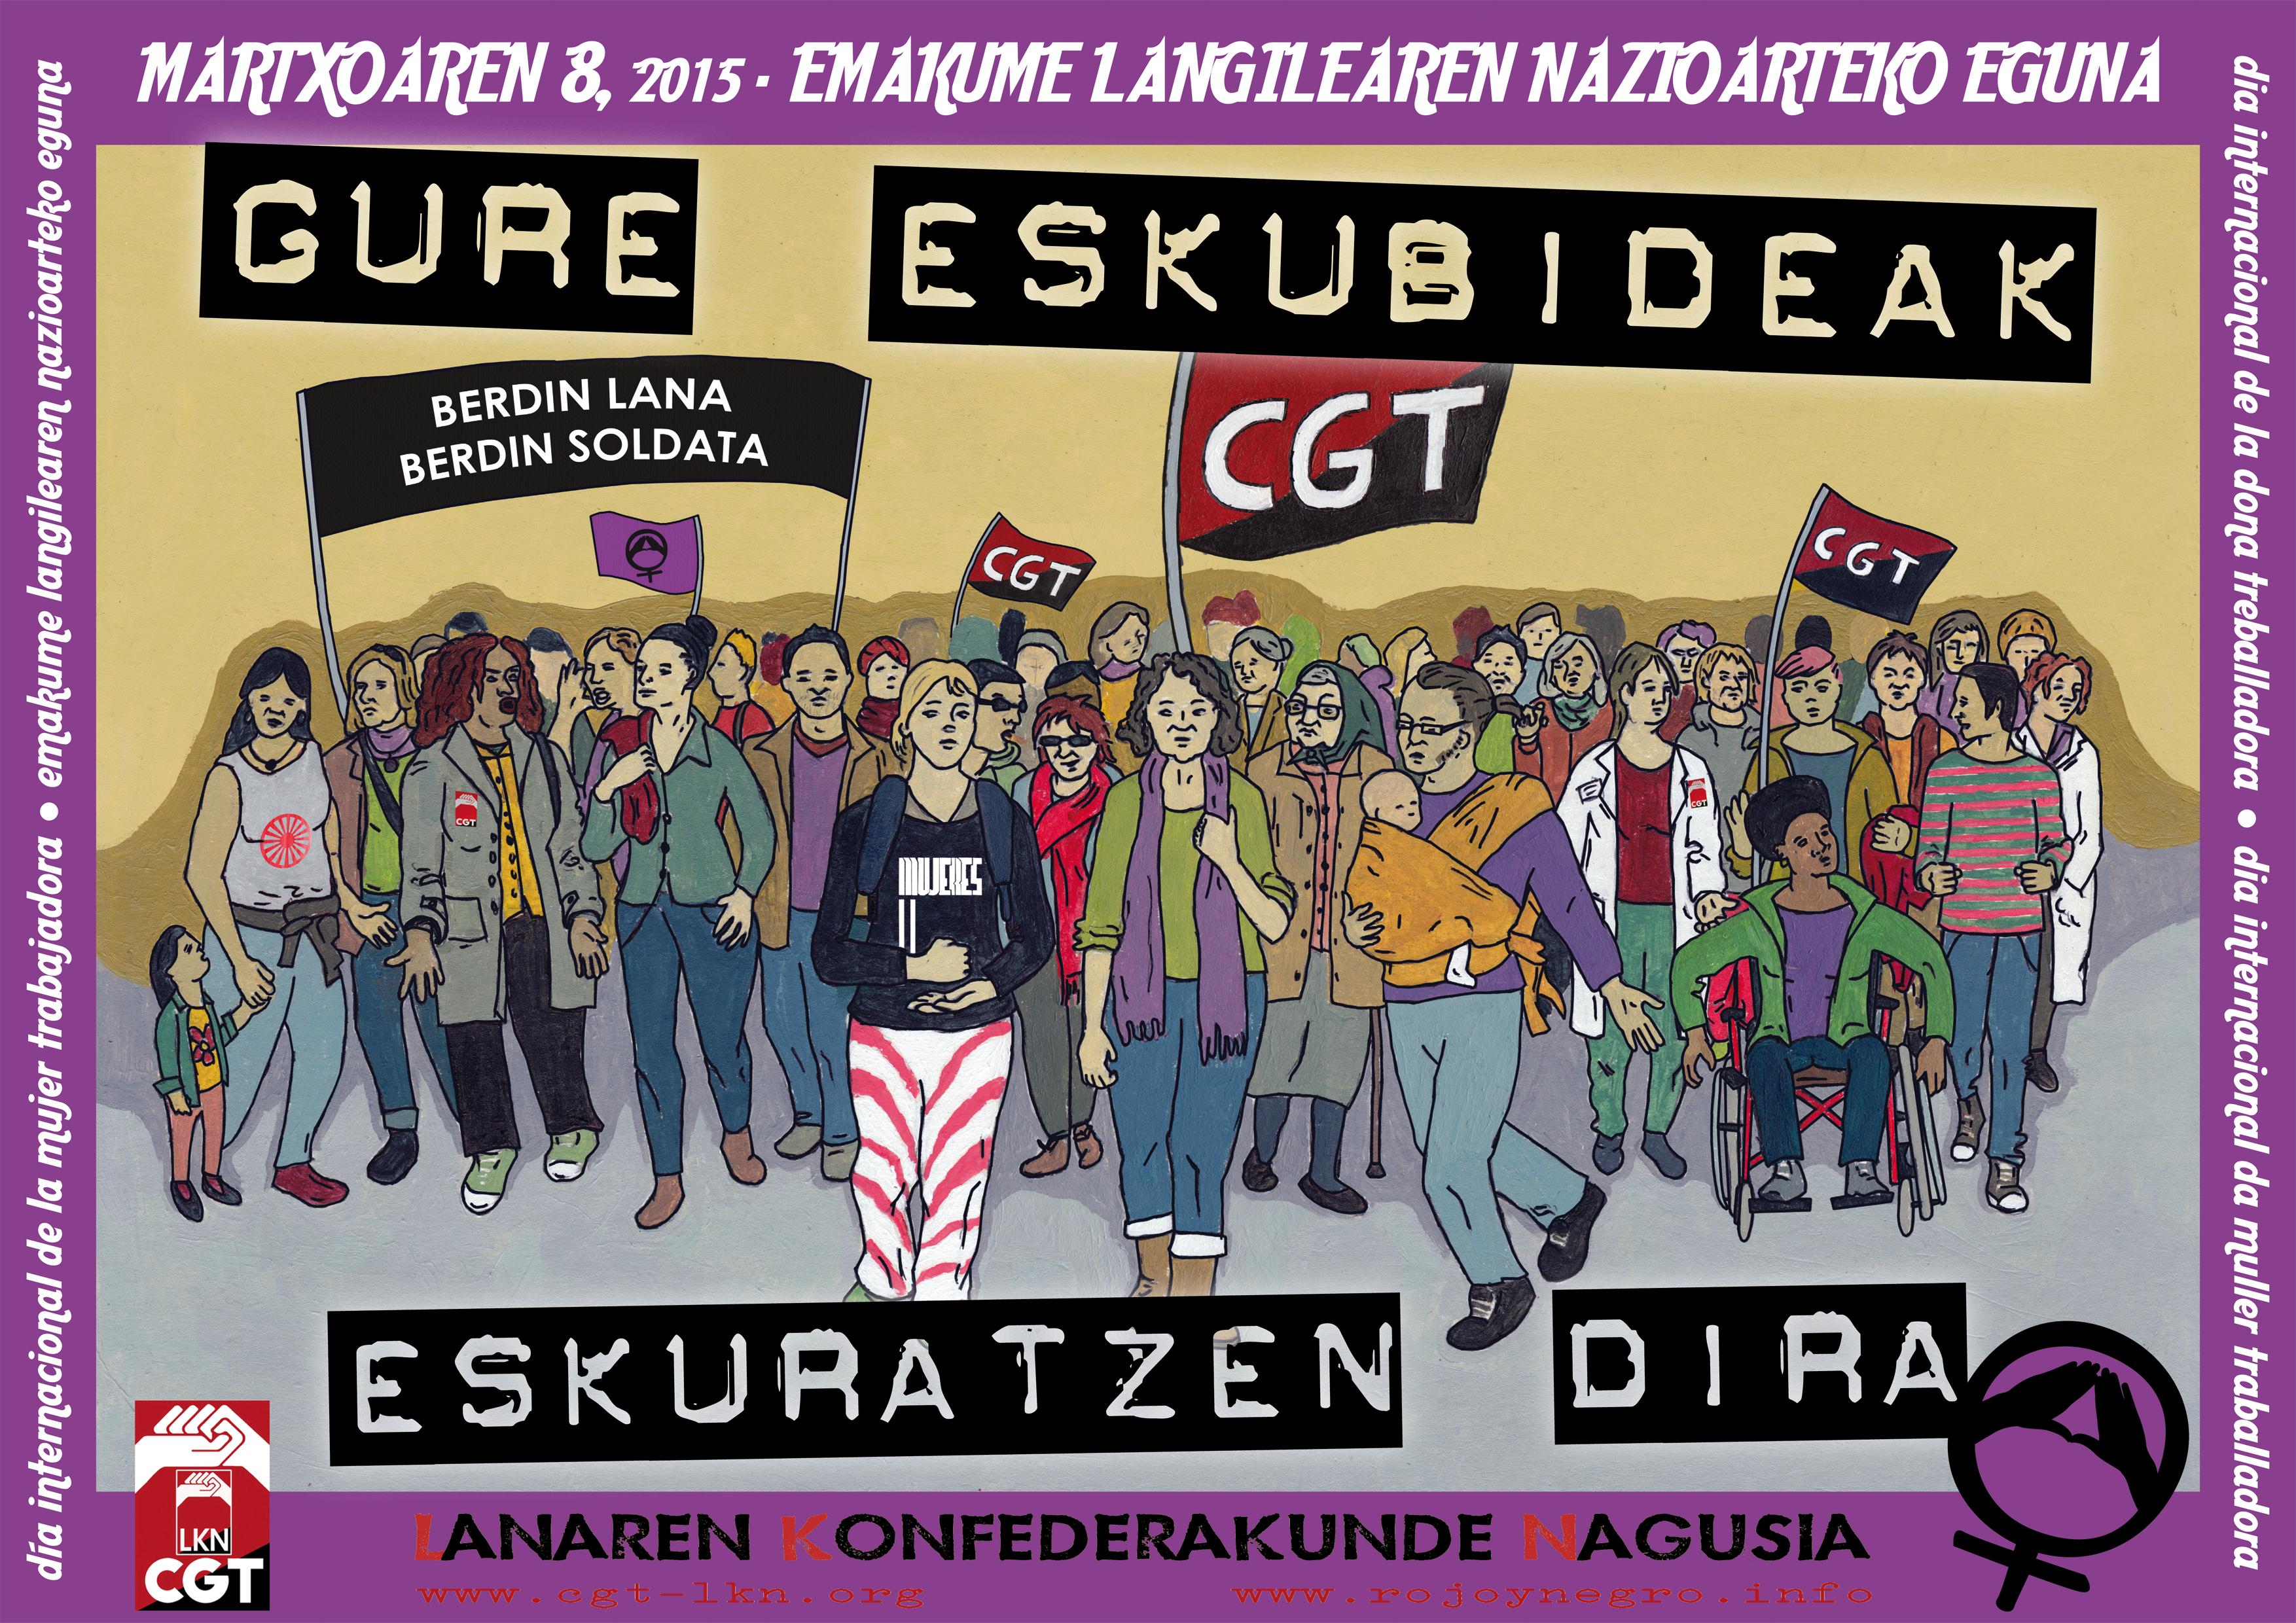 8 de marzo, Día Internacional De La Mujer Trabajadora – Nuestros derechos no se piden. Se luchan. Se conquistan.